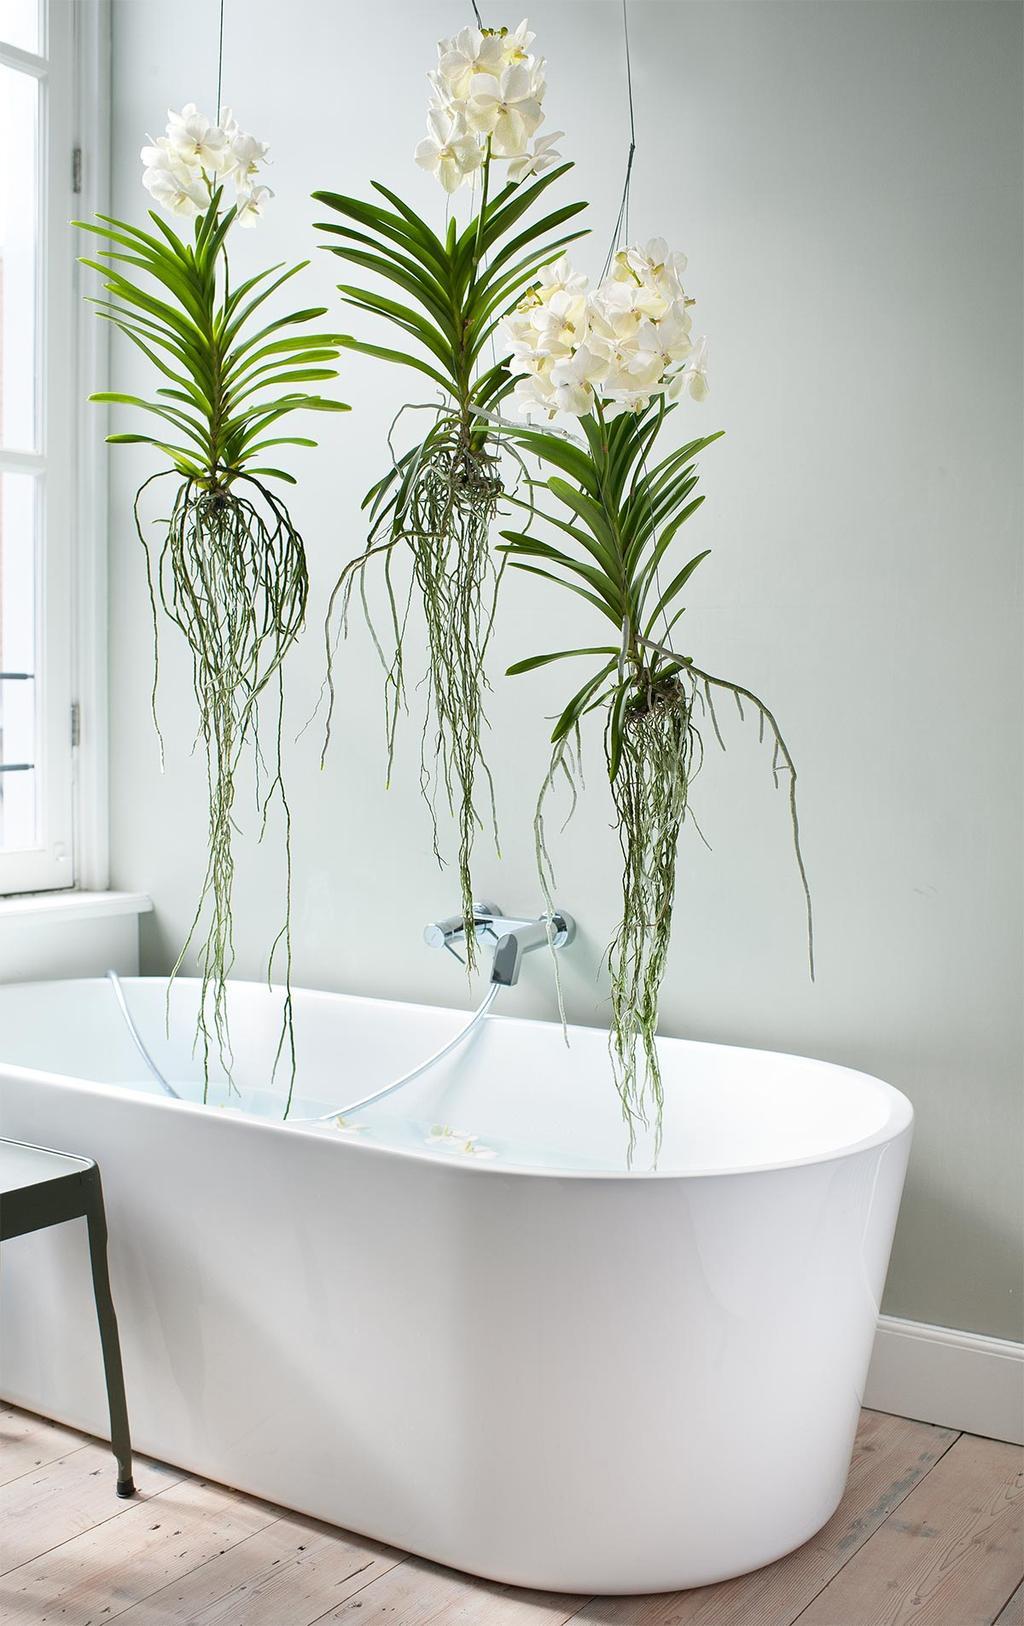 Badkamerplanten: planten voor in de badkamer